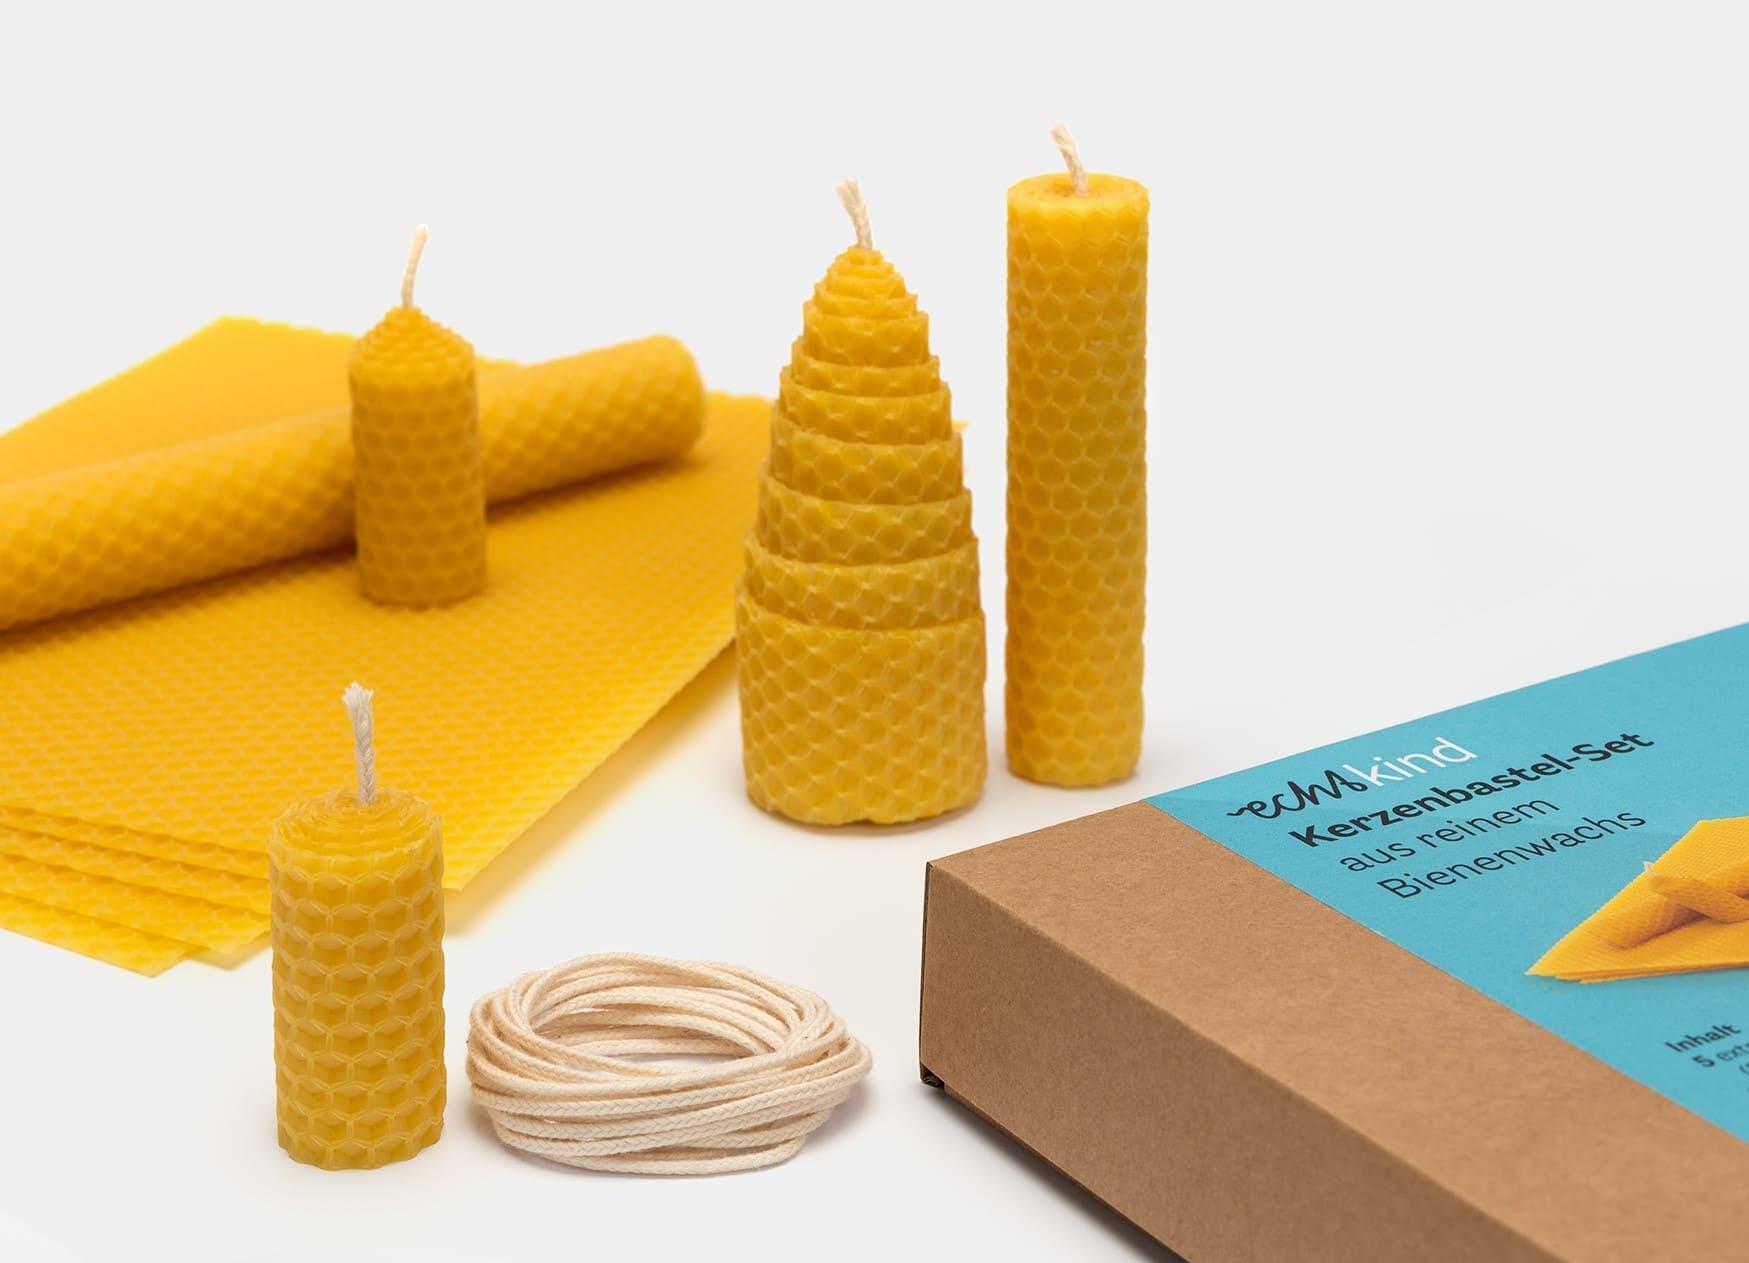 Schöne Nikolaus-Geschenke für Kinder: Kerzenbastel-Set // HIMBEER